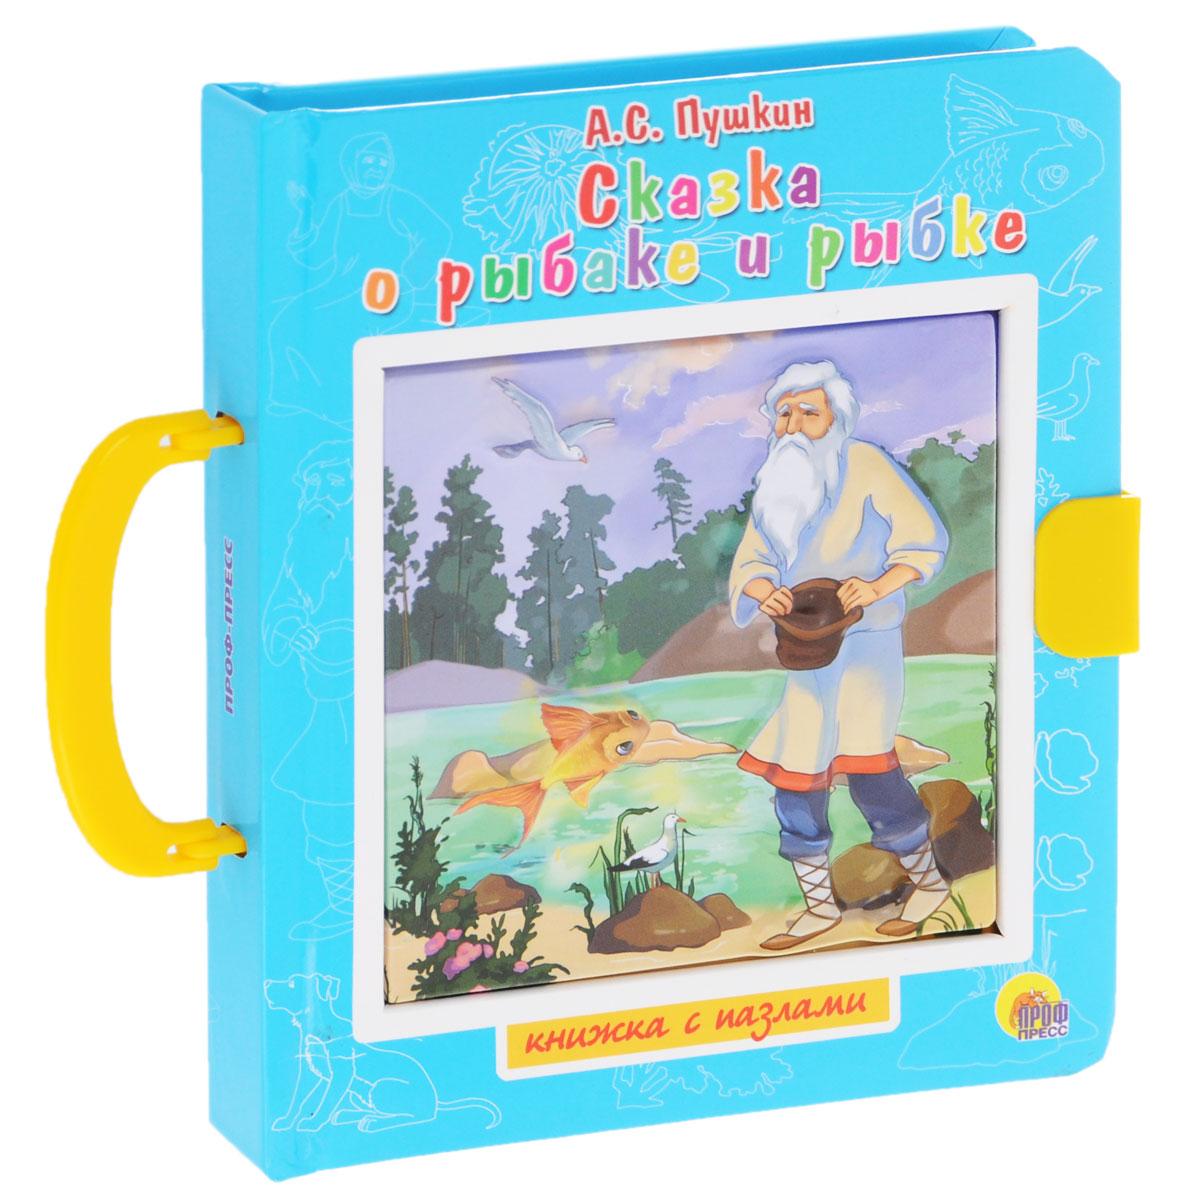 Сказка о рыбаке и рыбке. Книжка-игрушка12296407Издание включает в себя известную сказку А.С.Пушкина и красочные иллюстрации к ней. Каждый разворот порадует ребёнка интересным пазлом-мозаикой, который можно собирать снова и снова. Каждый пазл состоит из 4 деталей (размер детали: 6 см х 6 см). Обложка книги украшена рельефной иллюстрацией, снабжена ручкой и клапаном-застежкой.